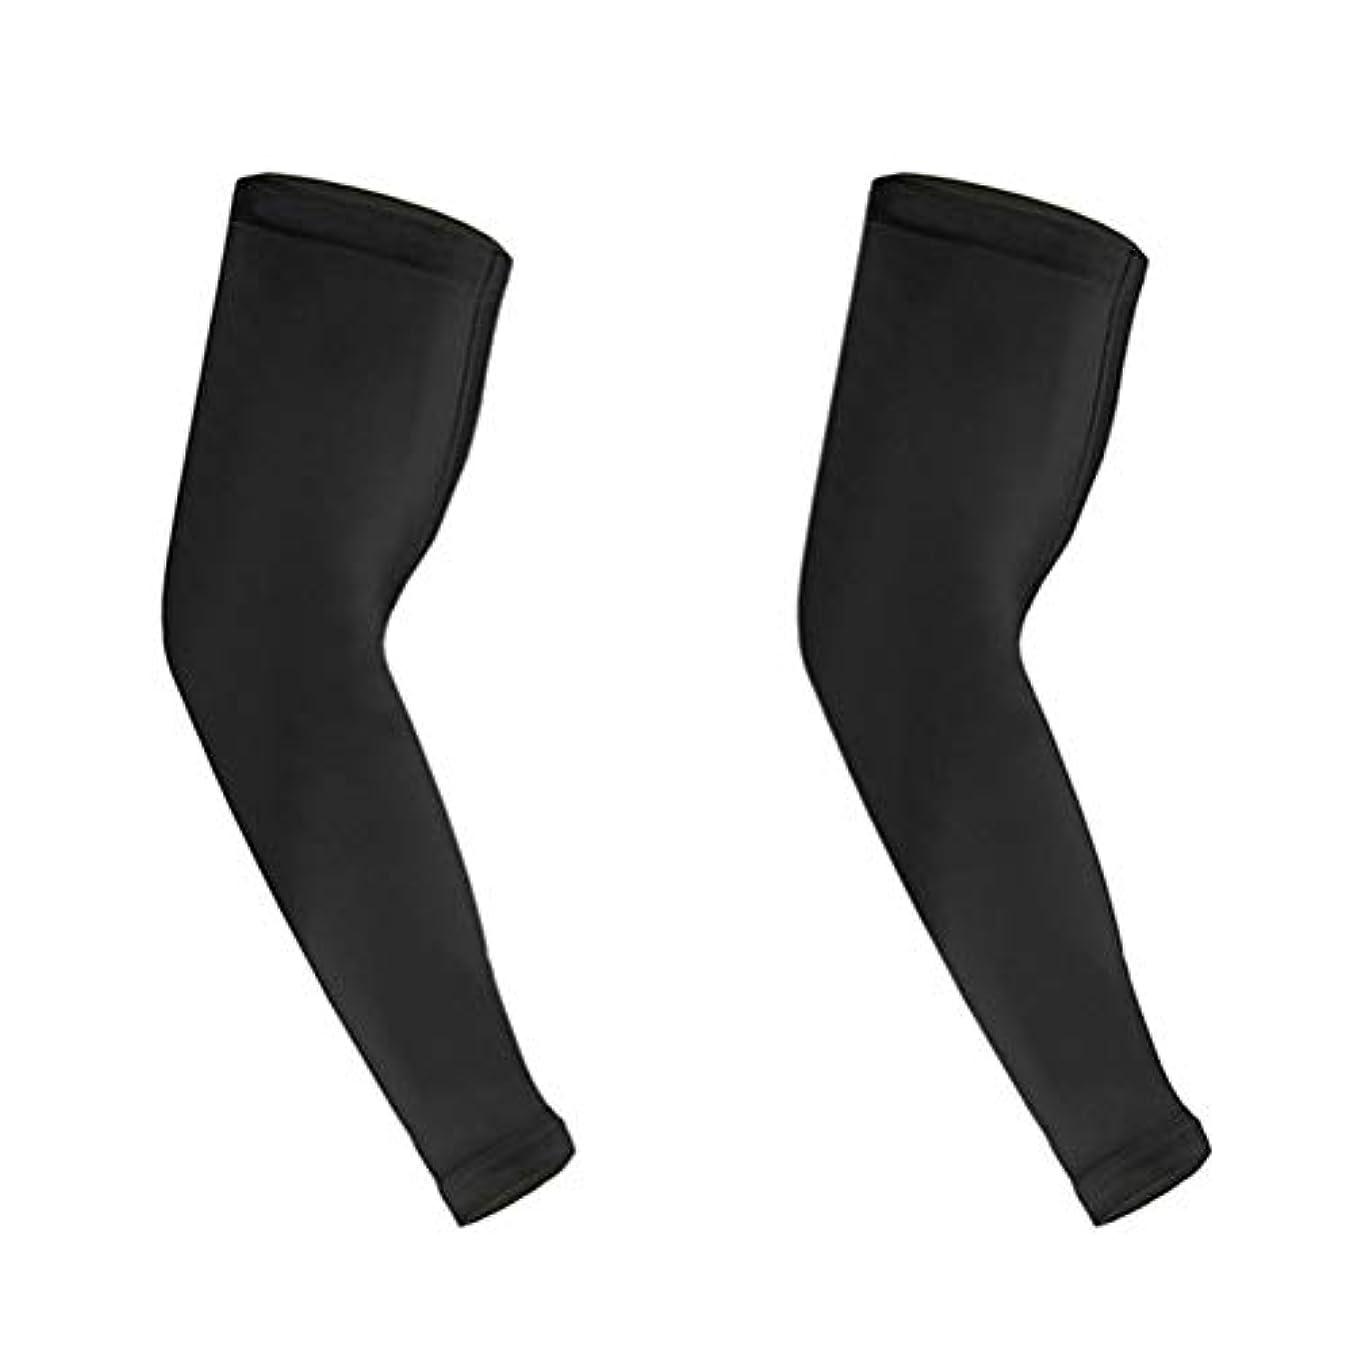 コック子供時代反響するHEALIFTY 男性用スポーツアームスリーブエルボースリーブロングエルボーサポートスリーブL 2本(ブラック)